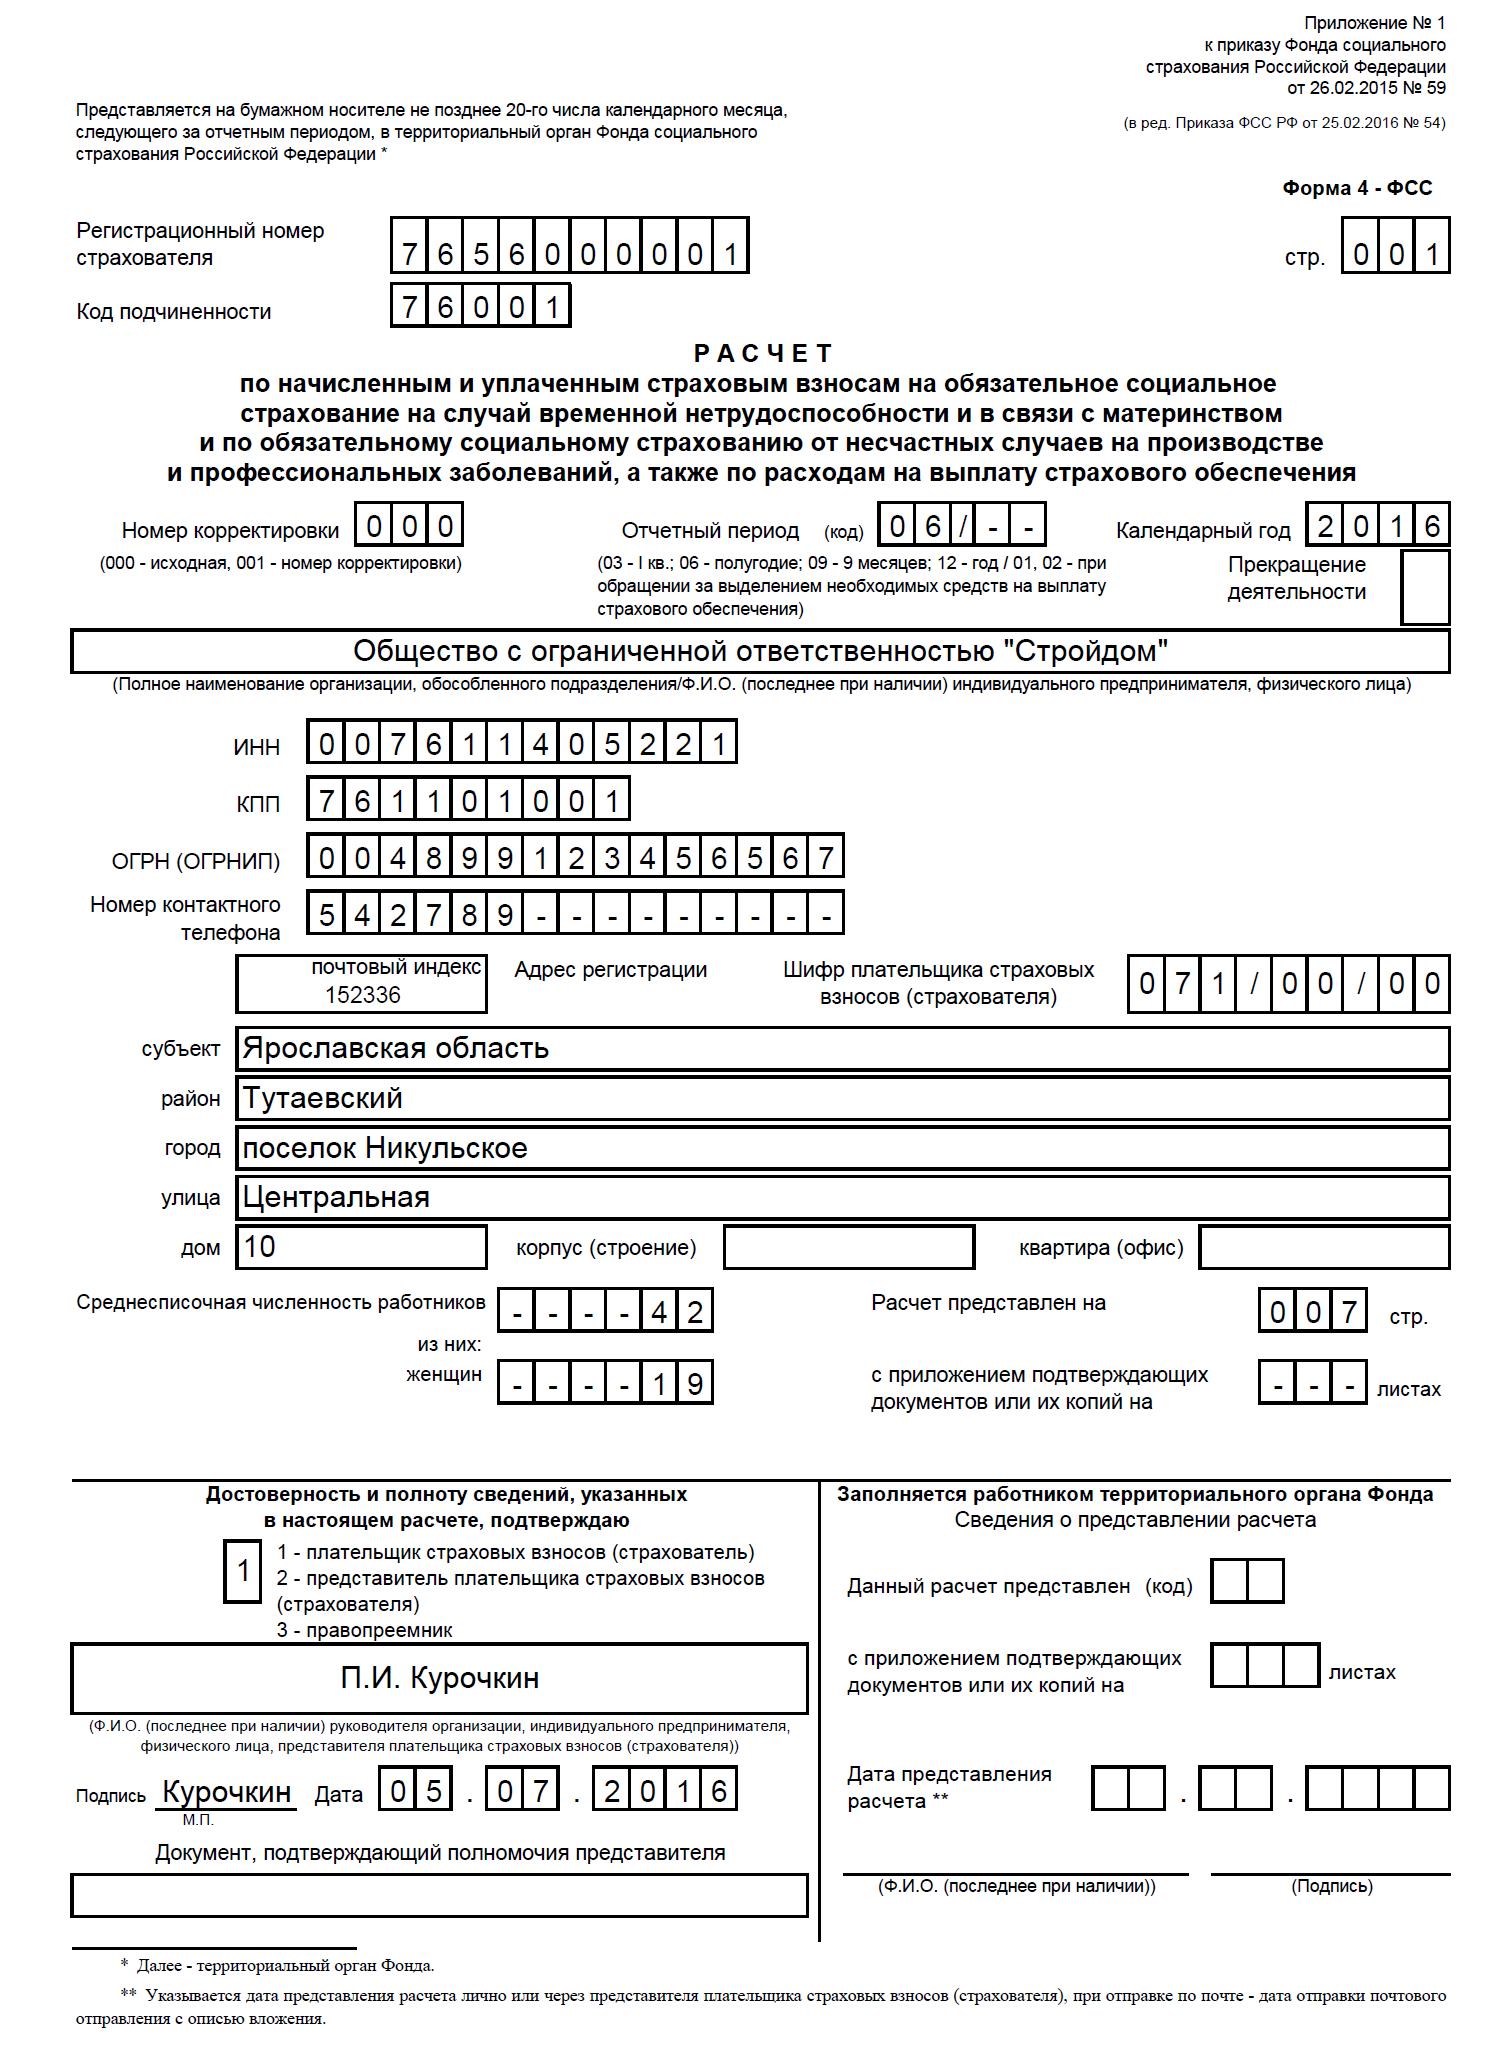 бланк декларації про доходи 2014 додатки